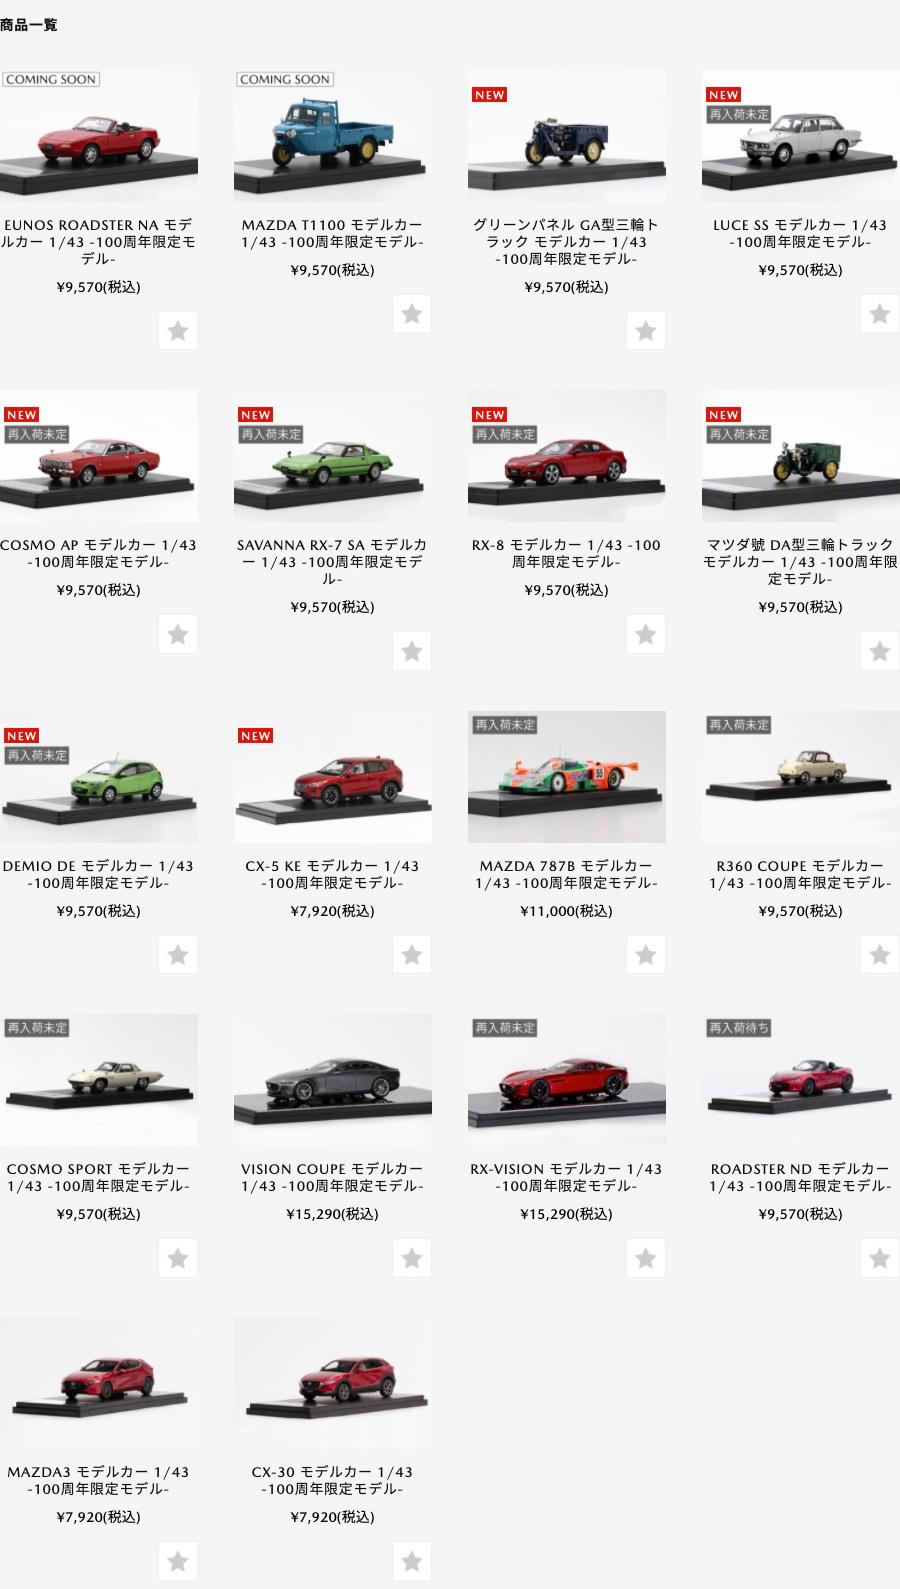 マツダコレクション、2月22日にモデルカー2車種+αを新発売